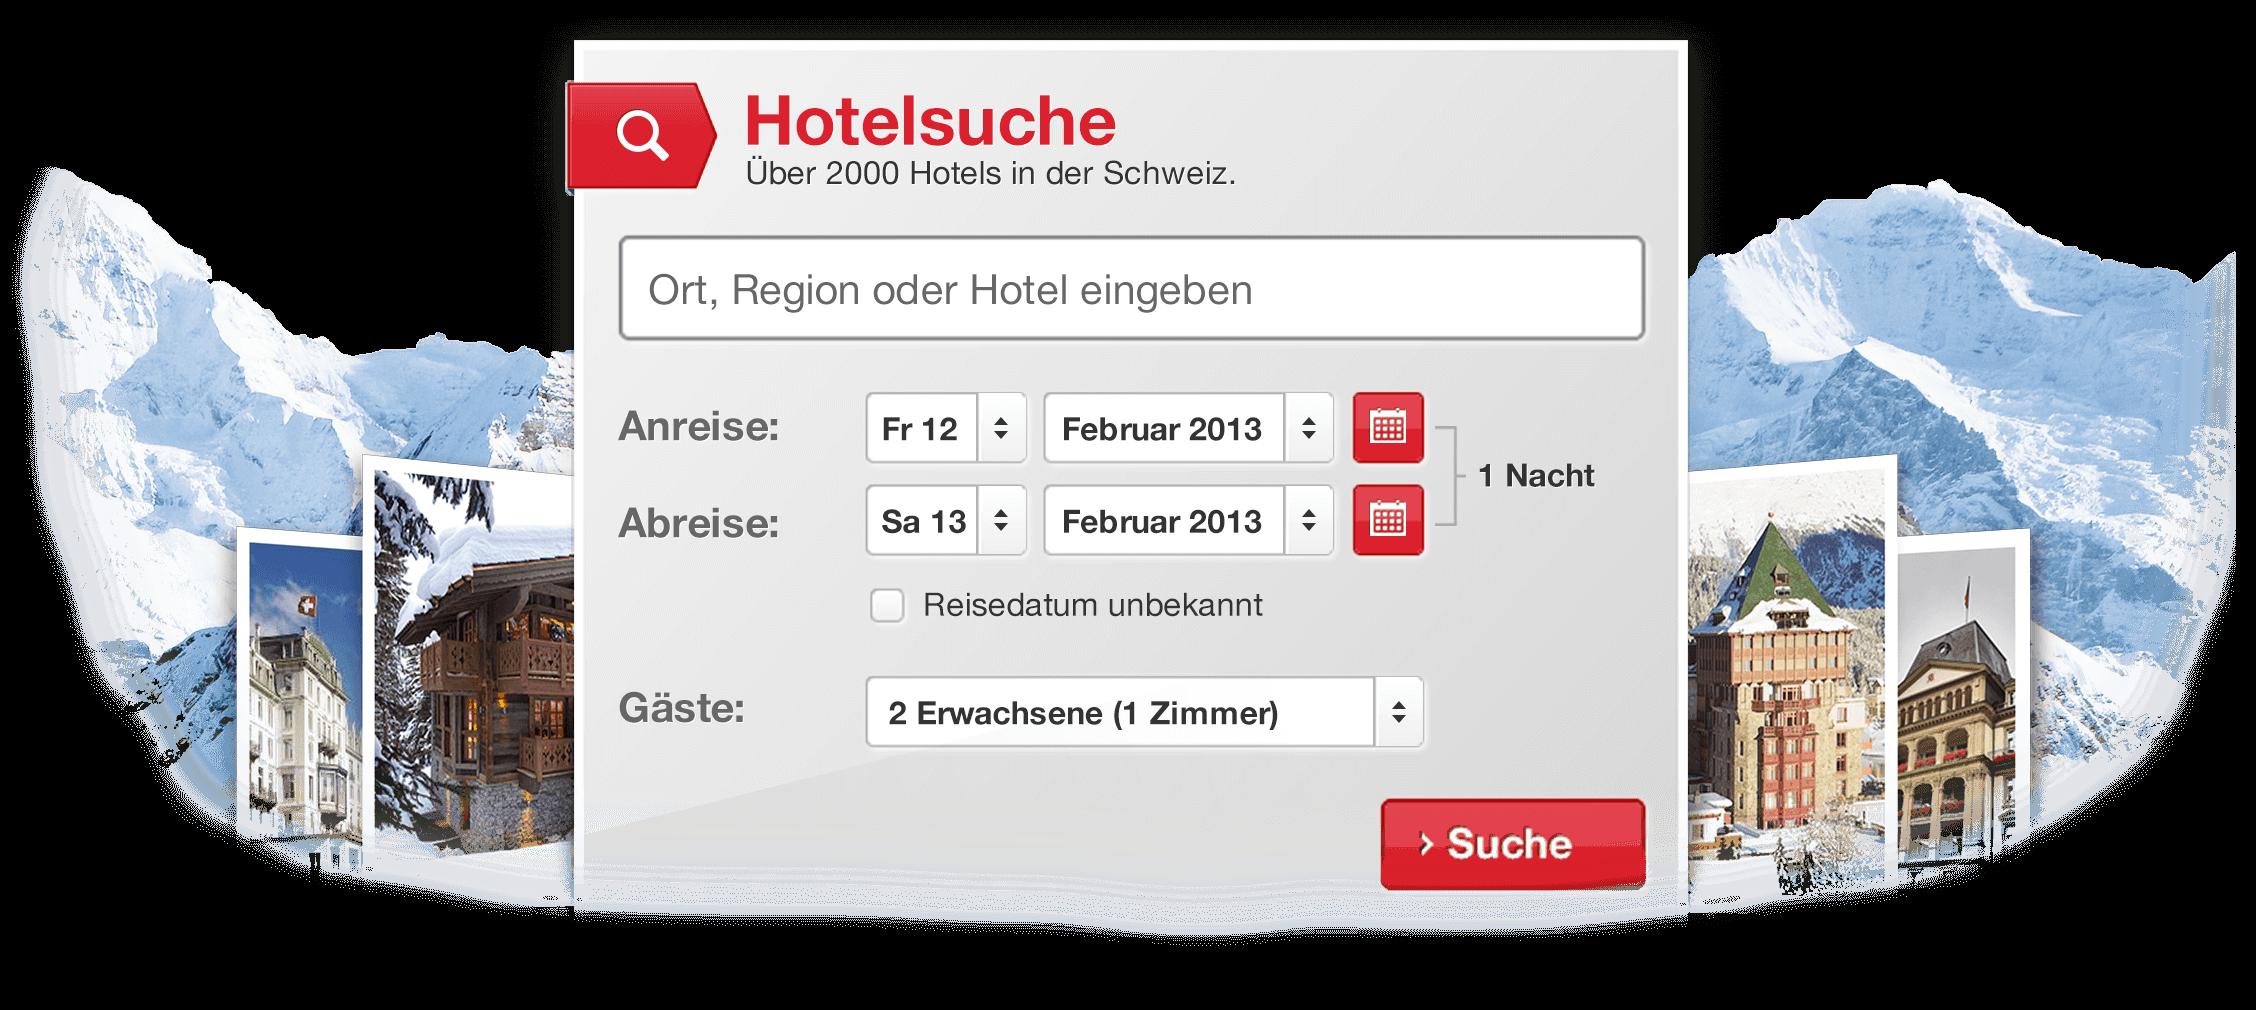 Hotelbuchungs-Plattform für Swisshotels.com